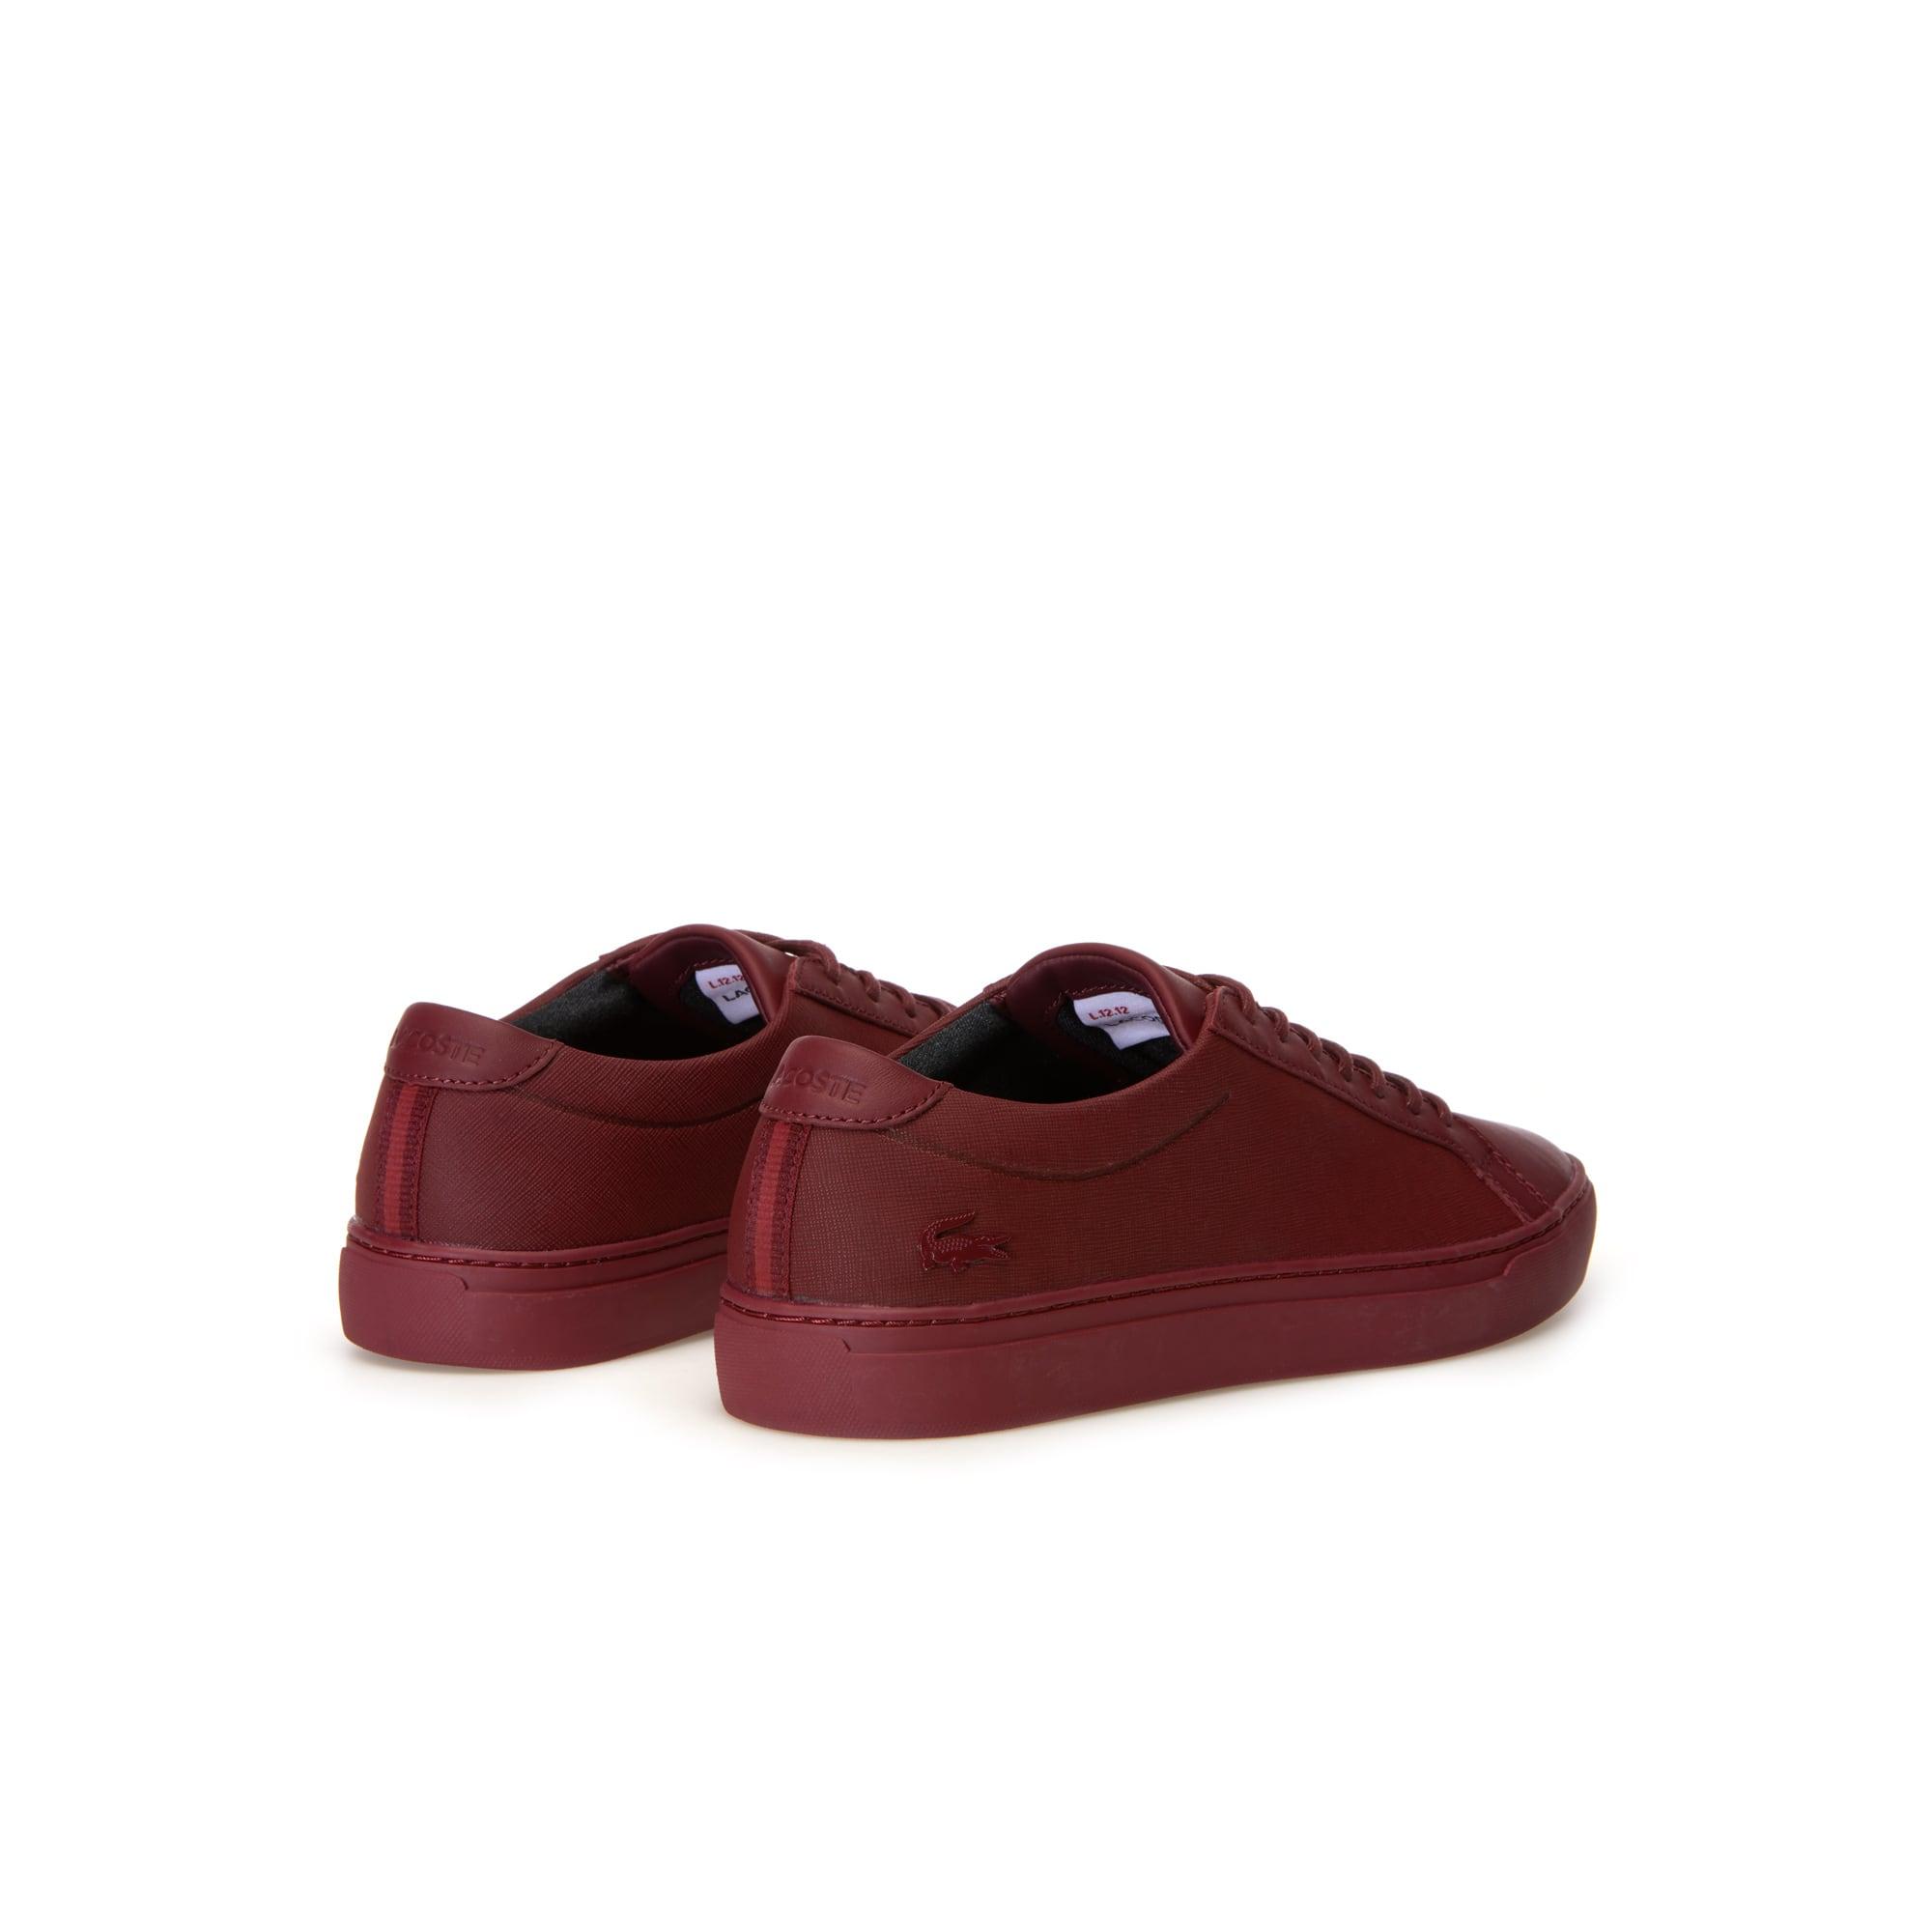 Lacoste - Sneakers L.12.12 homme en cuir de qualité supérieure - 3